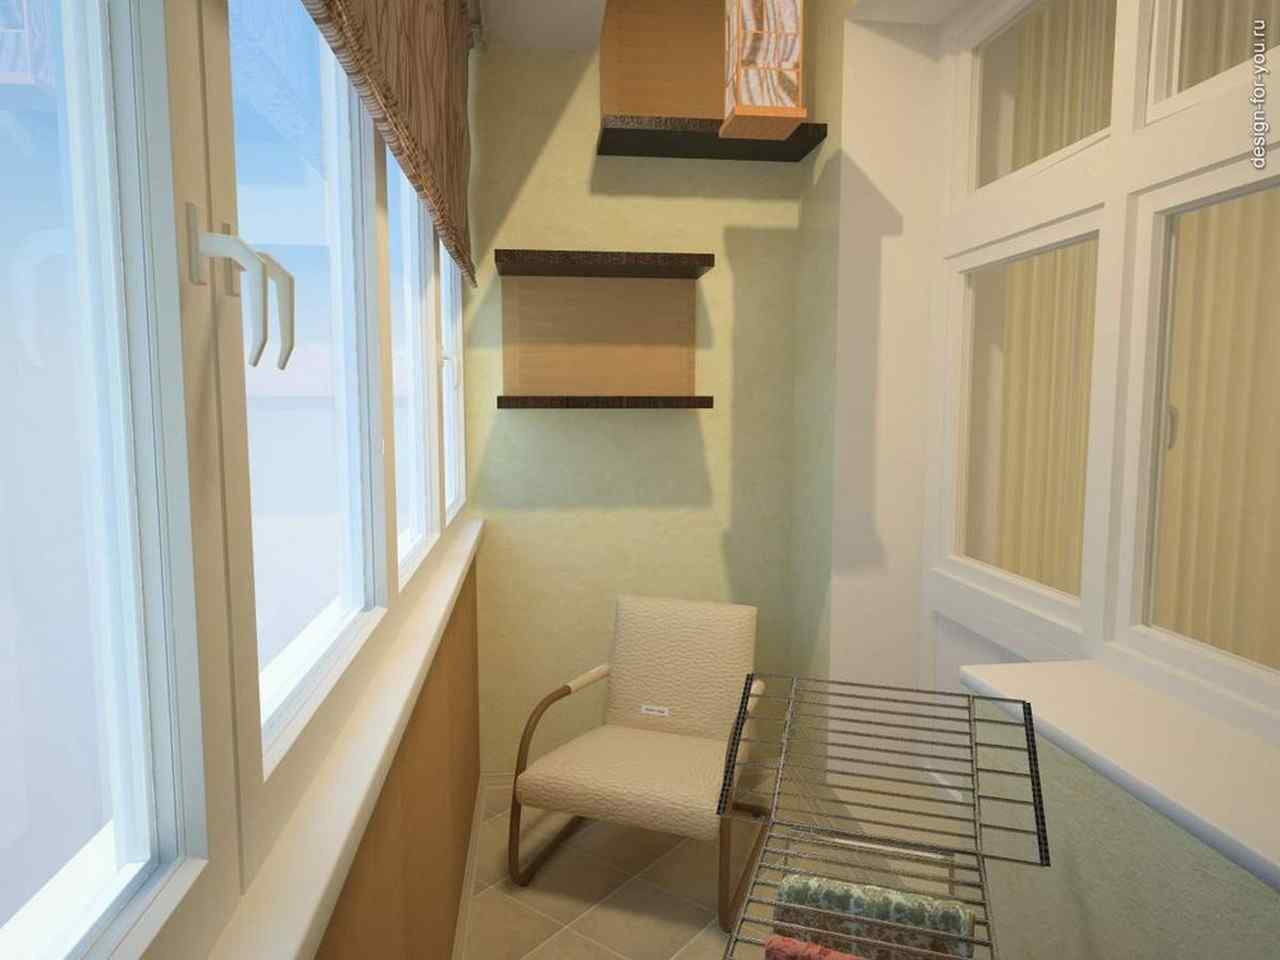 Дизайн лоджии в панельном доме фото.